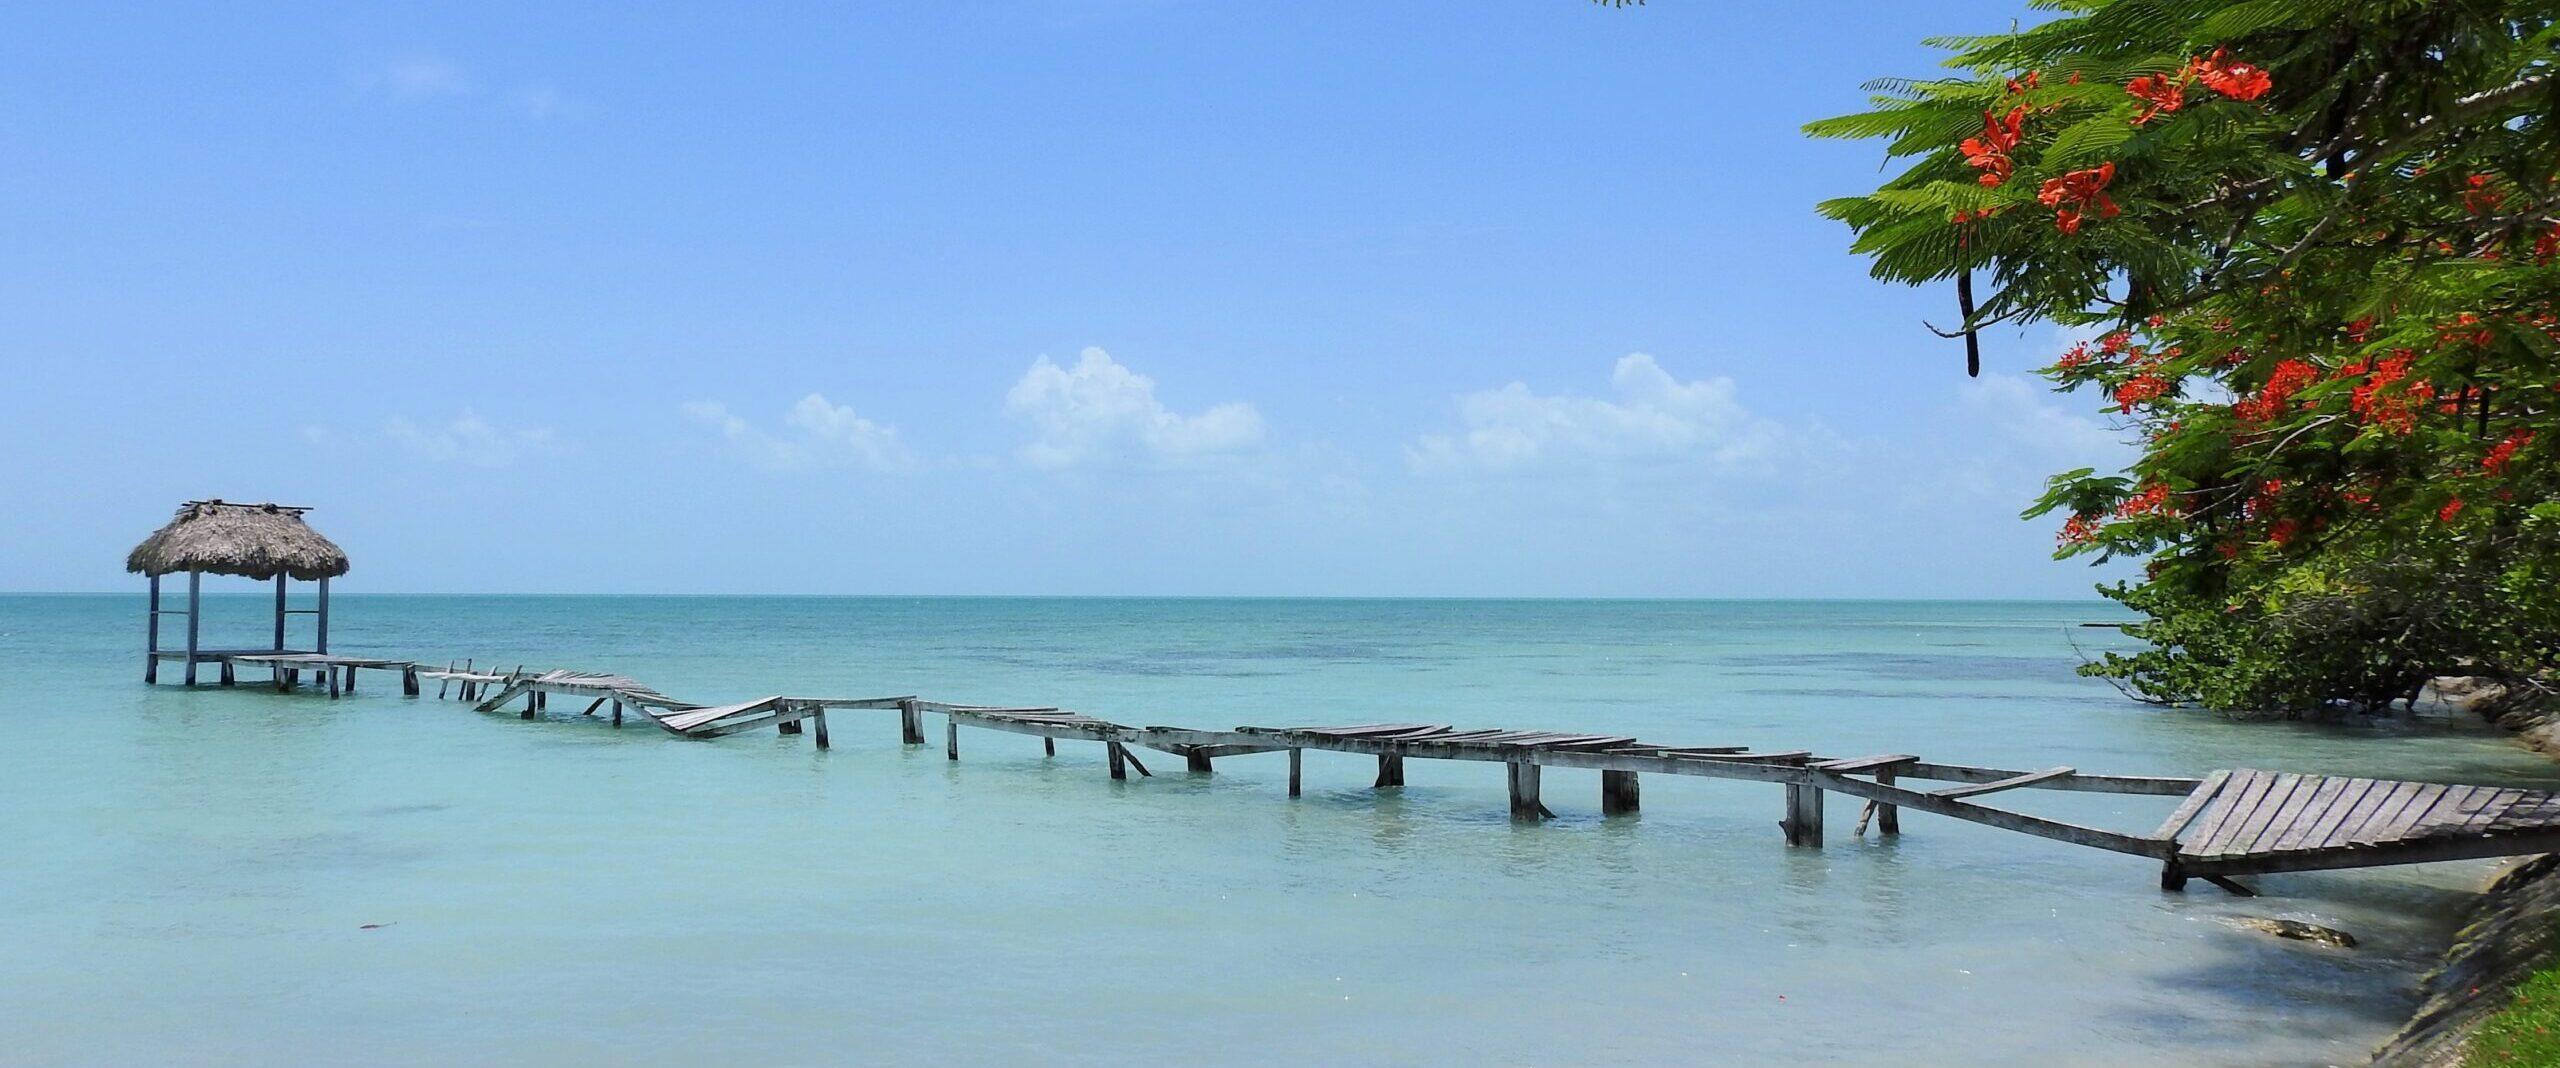 57 – Belize